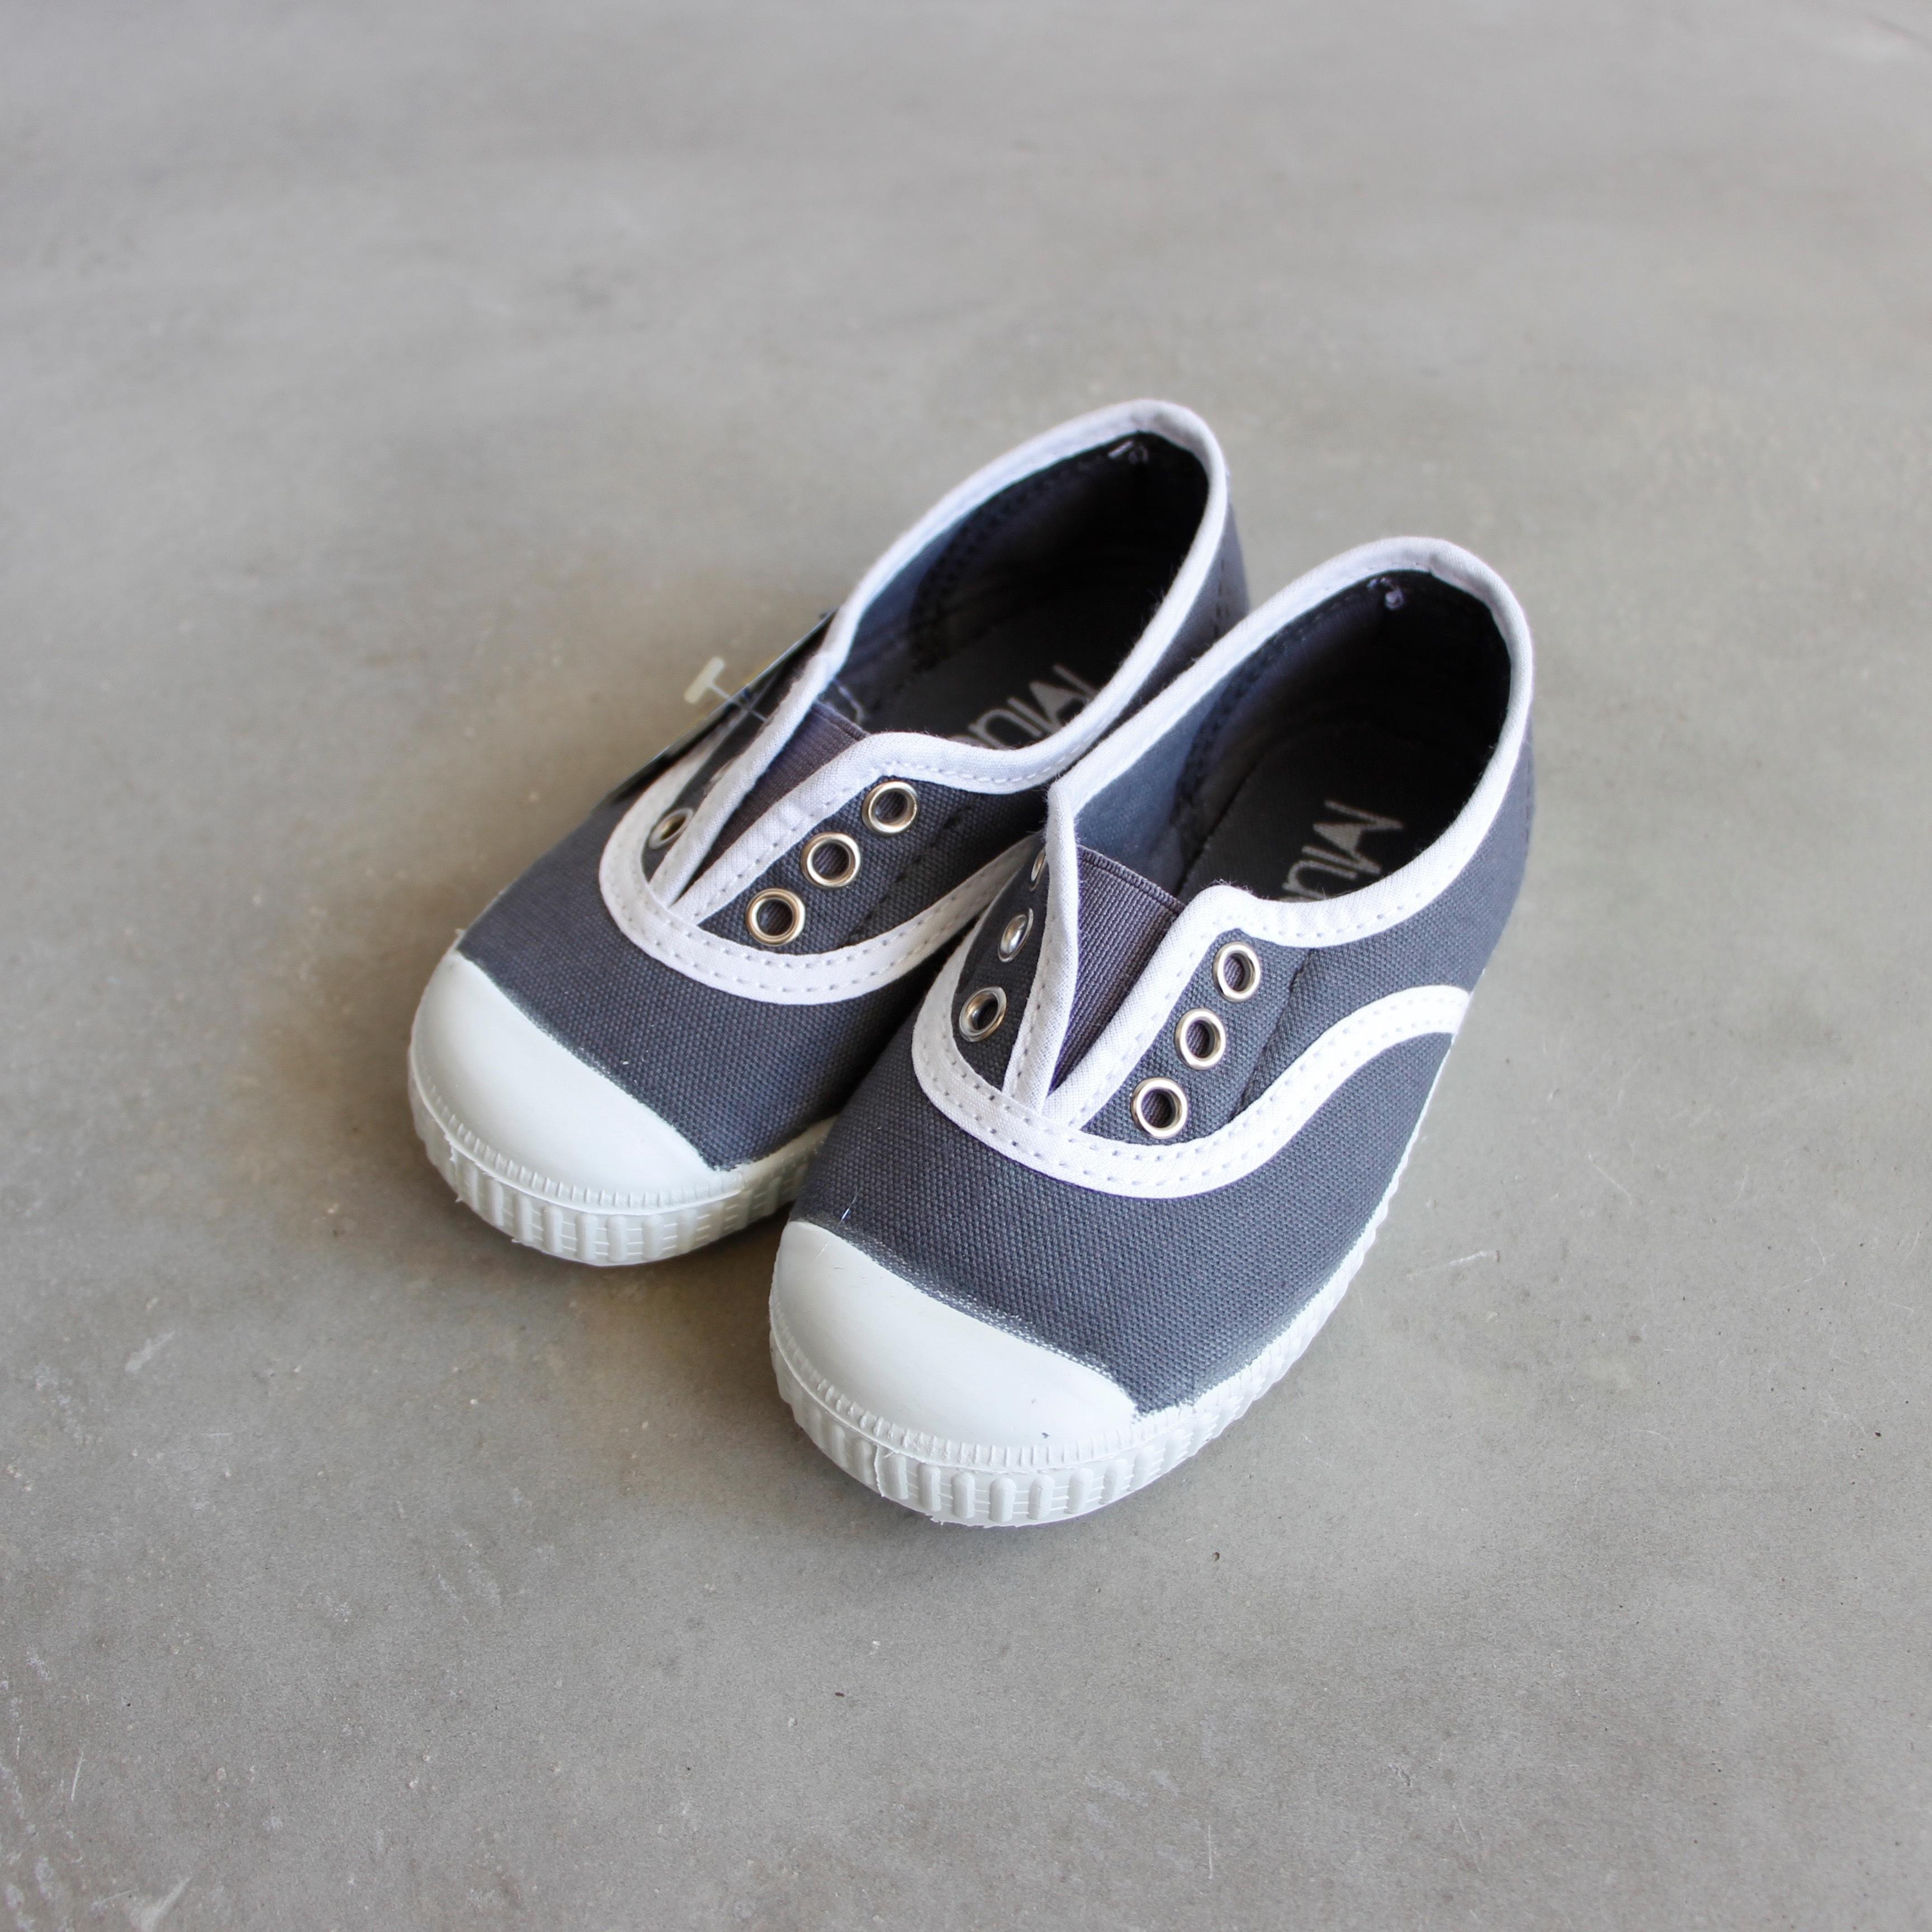 《LA CADENA》INGLES ELASTICO P / gris(white trim) / 28-34(17.5-21.5cm)